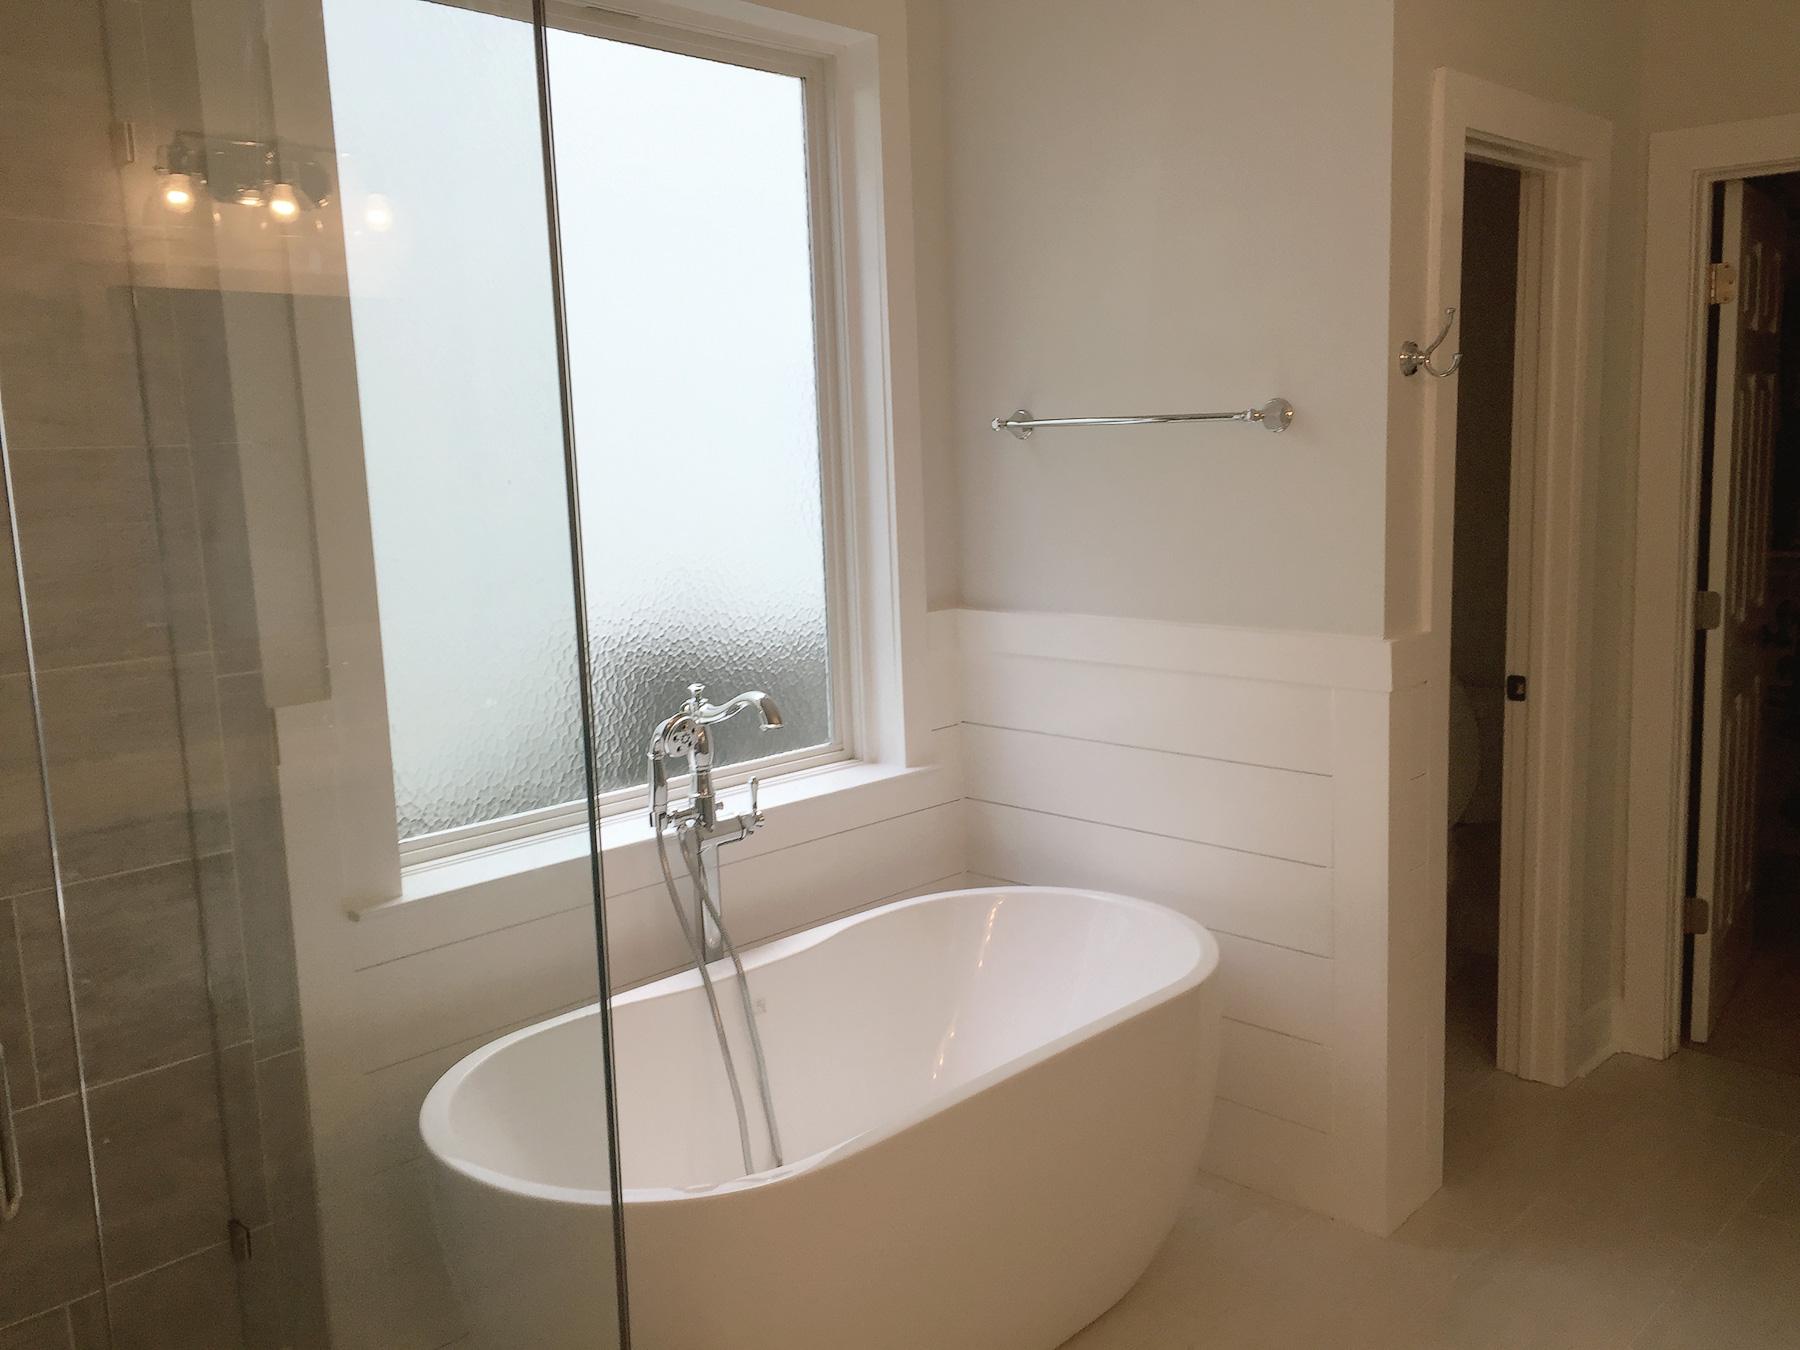 Bathroom Remodel - Daniel Island, South Carolina